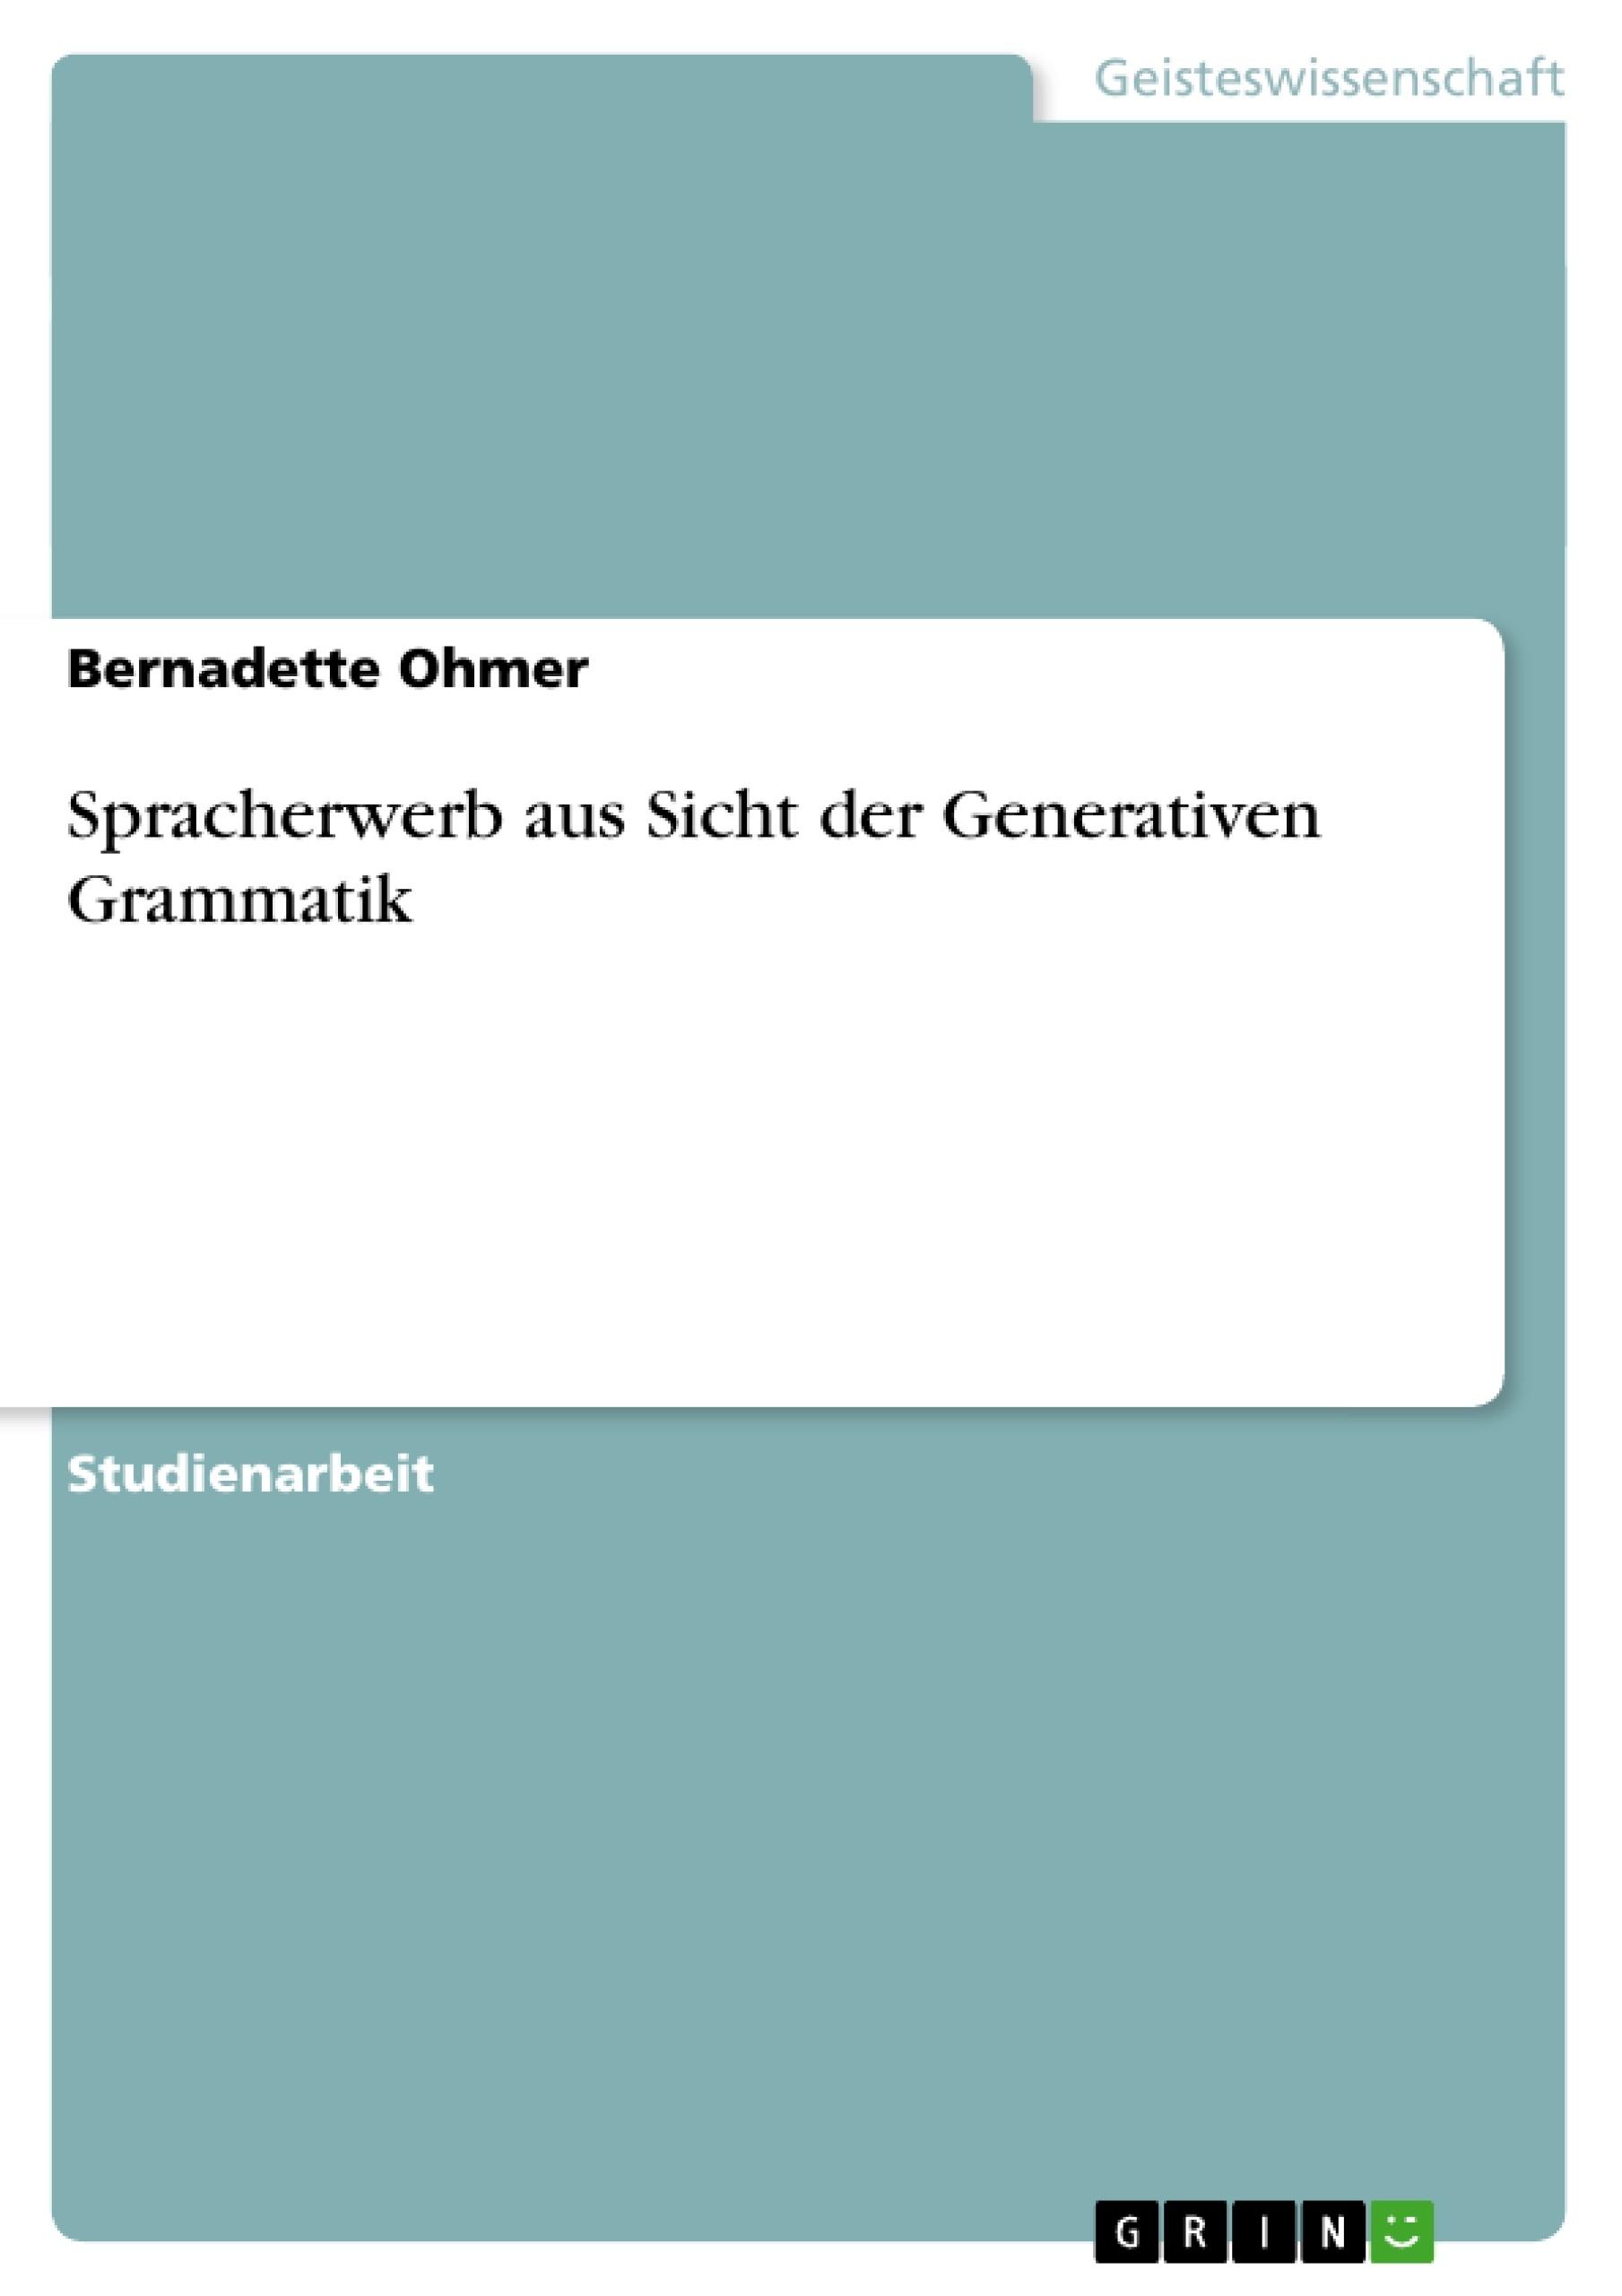 Titel: Spracherwerb aus Sicht der Generativen Grammatik